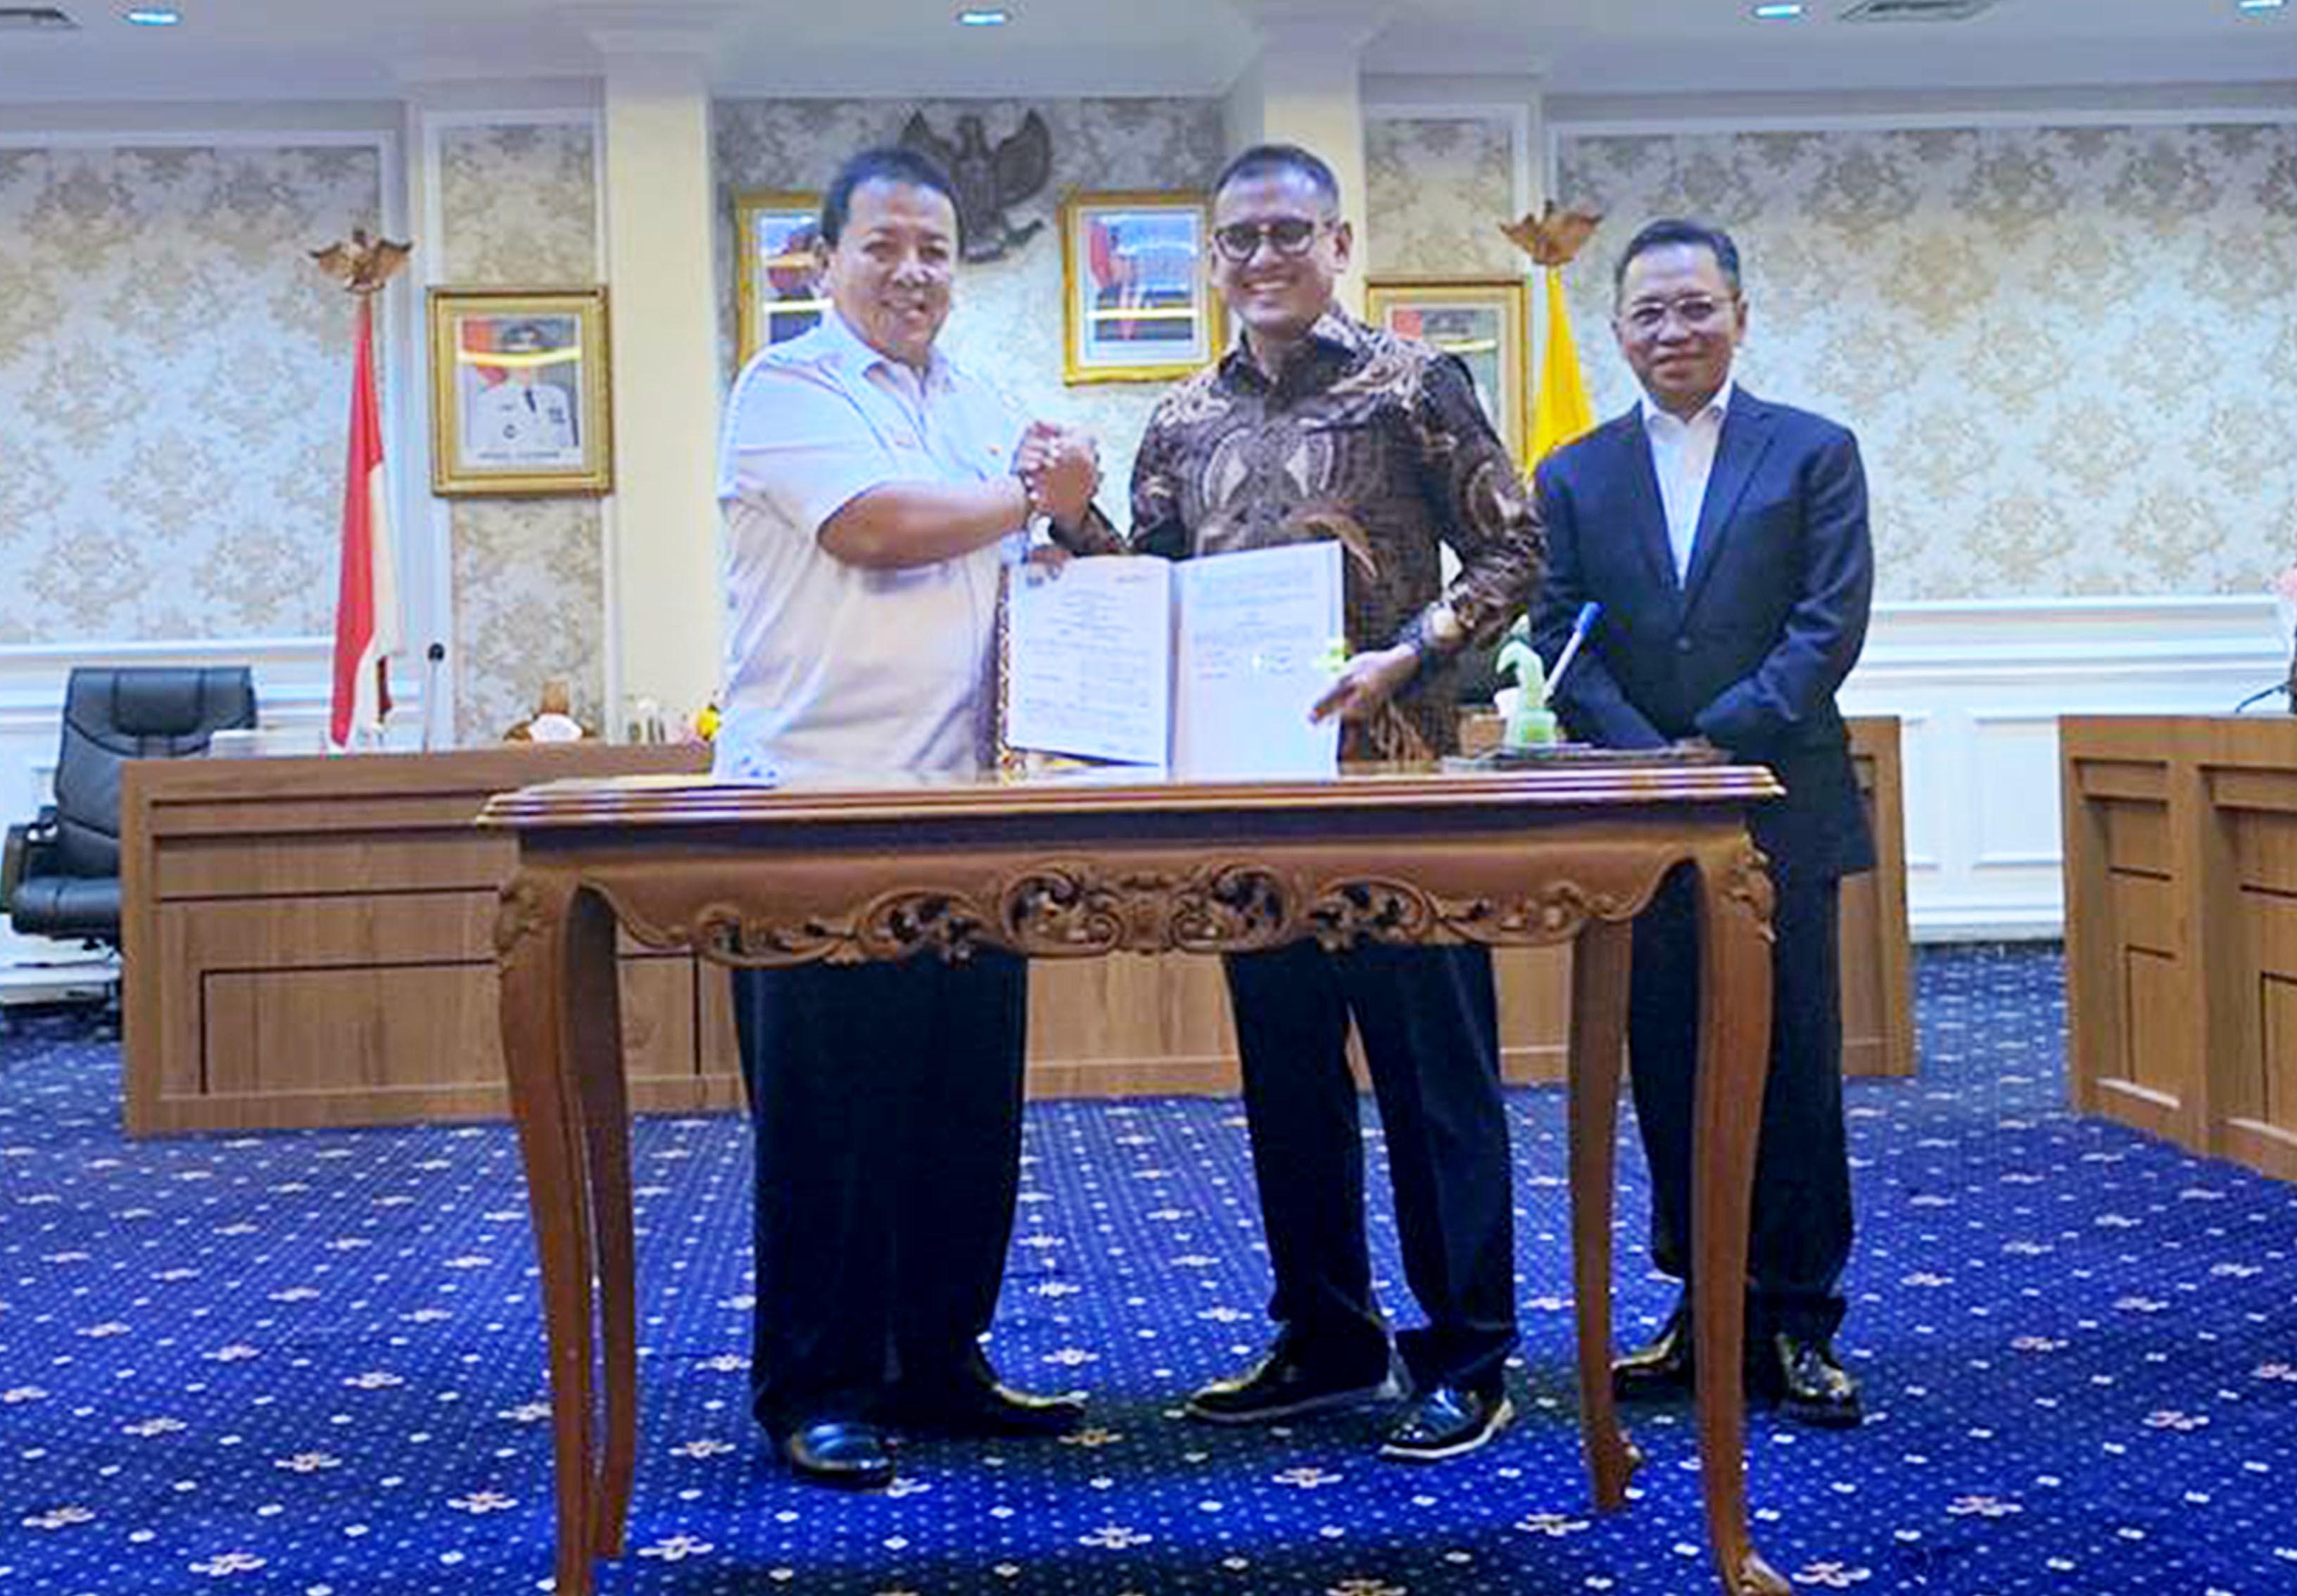 Dirut Petrokimia Gresik, Rahmad Pribadi (baju batik) bersama Gubernur Provinsi Lampung, Arinal Djunaidi setelah penandatanganan MoU.Foto : Istimewa